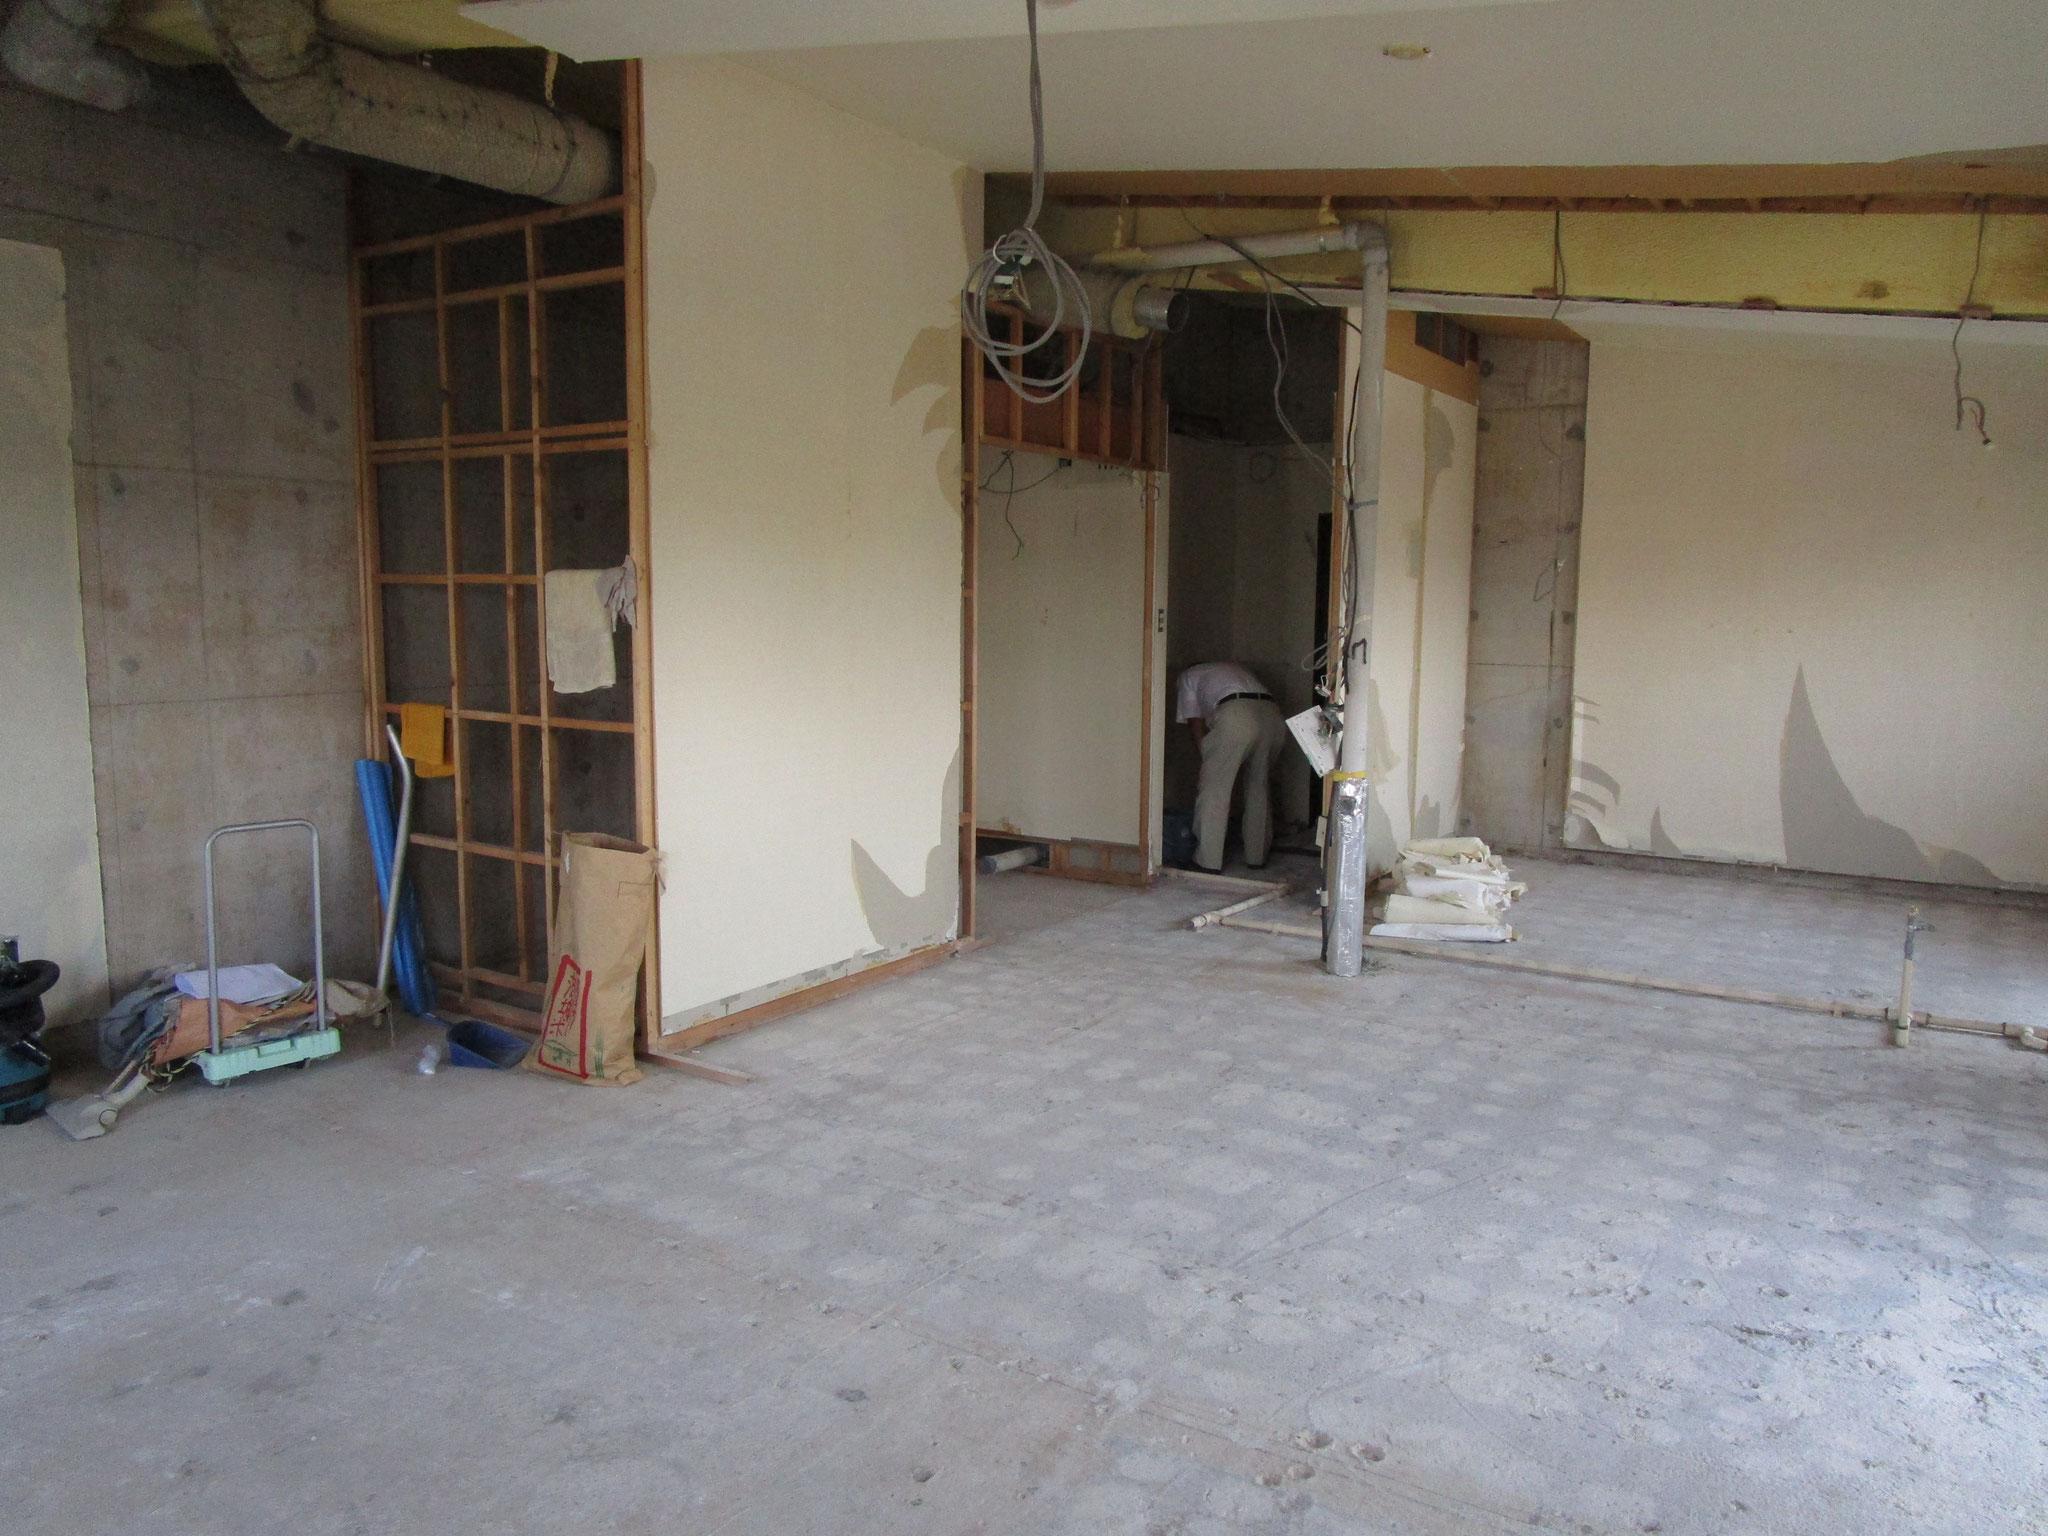 解体後の洗面室、浴室付近(向かって左側)